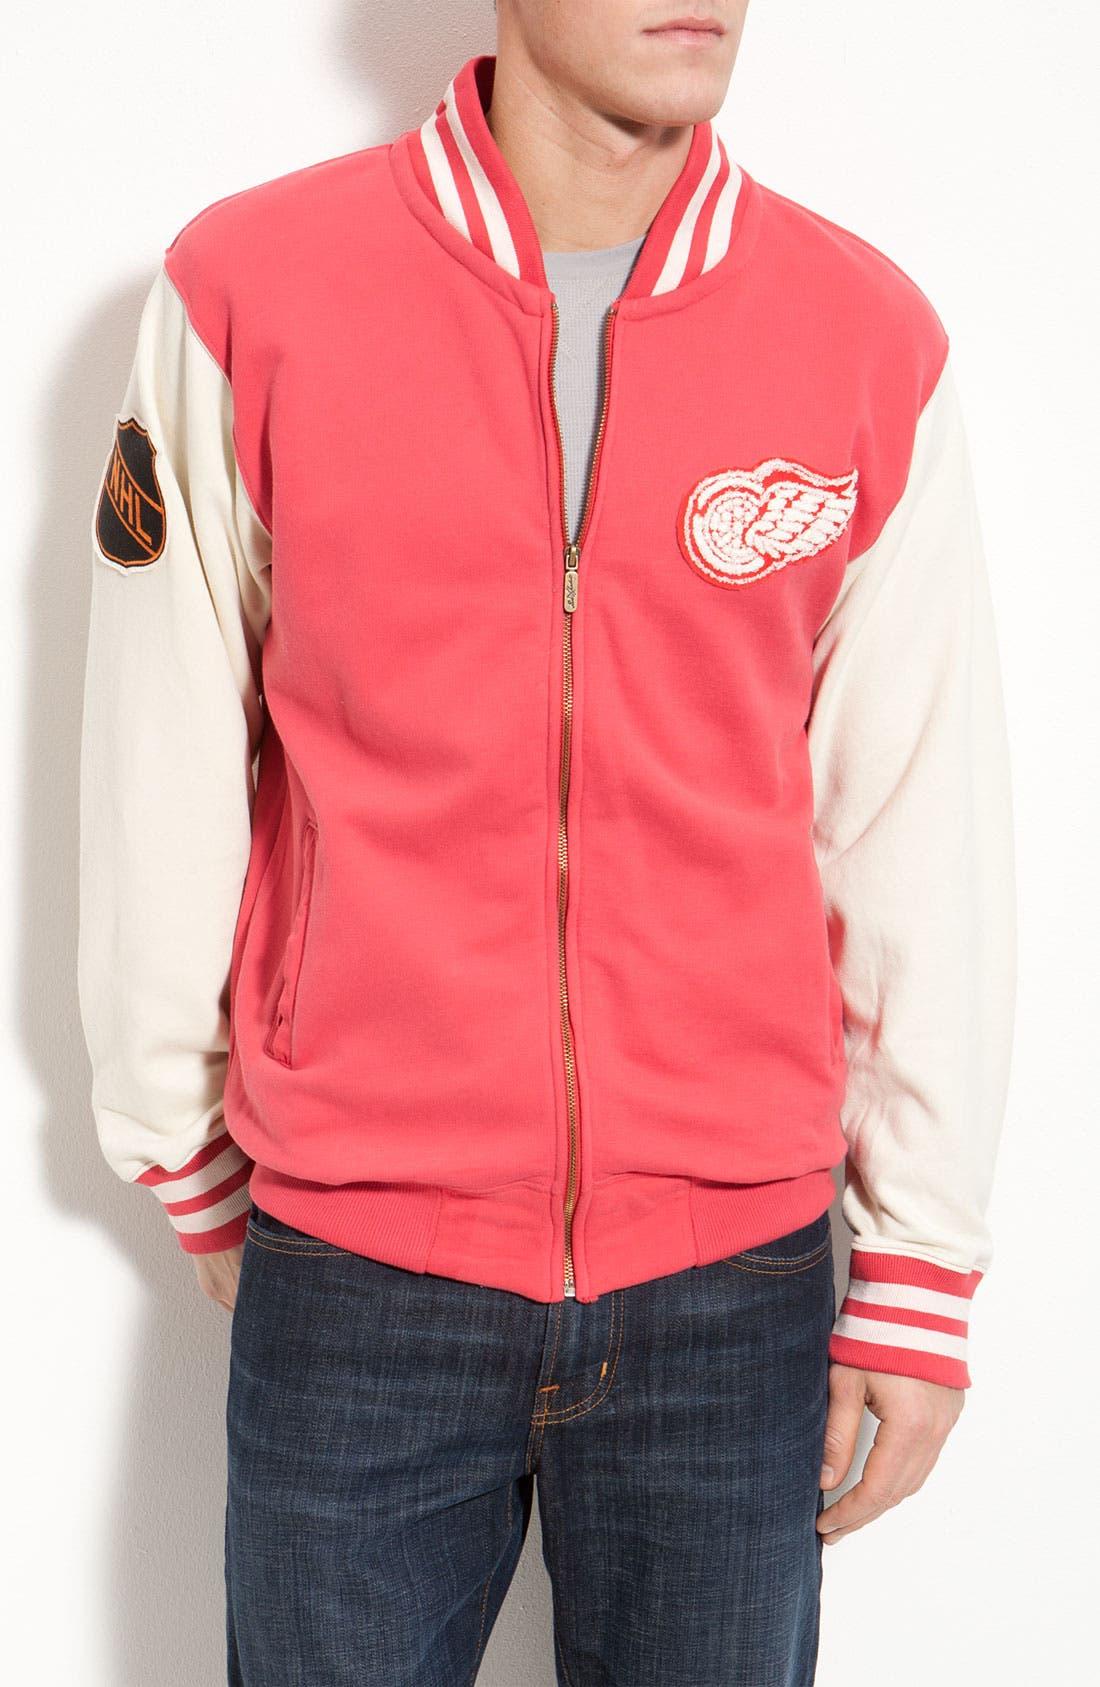 Alternate Image 1 Selected - Red Jacket 'Homeroom Red Wings' Jacket